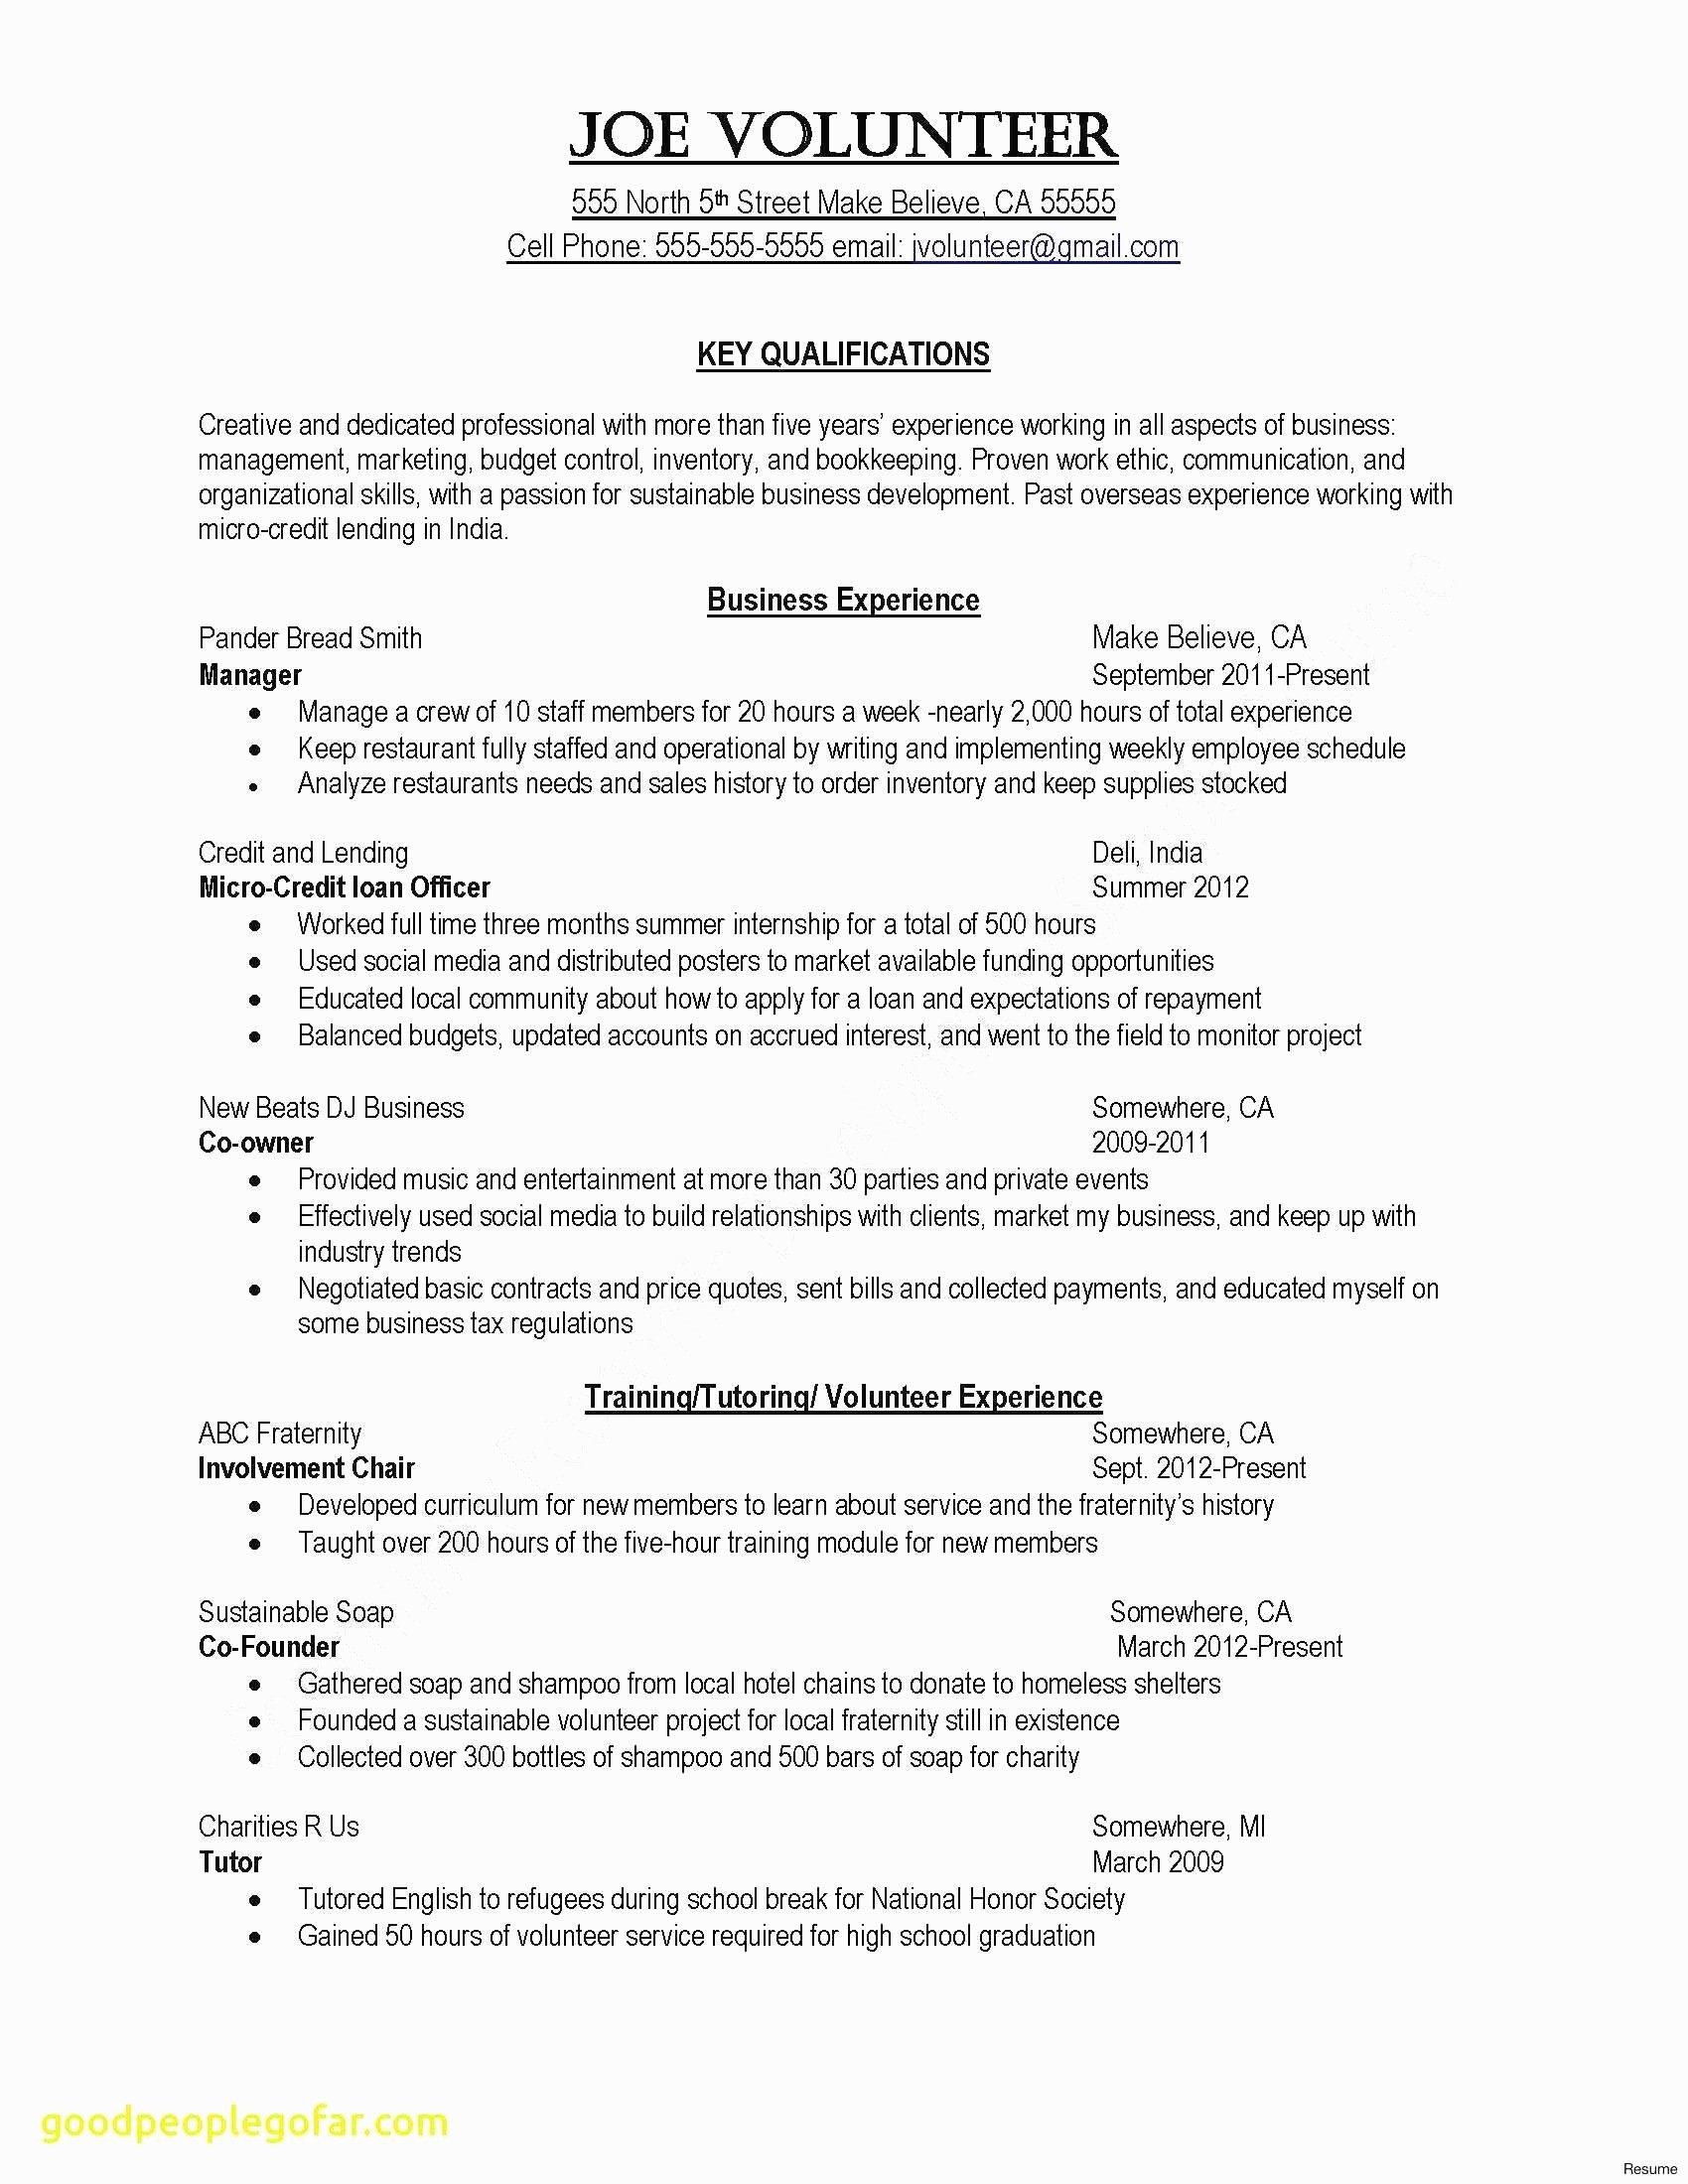 Printables Of Ffa Officer Duties Worksheet  Geotwitter Kids Activities For Ffa Officer Duties Worksheet